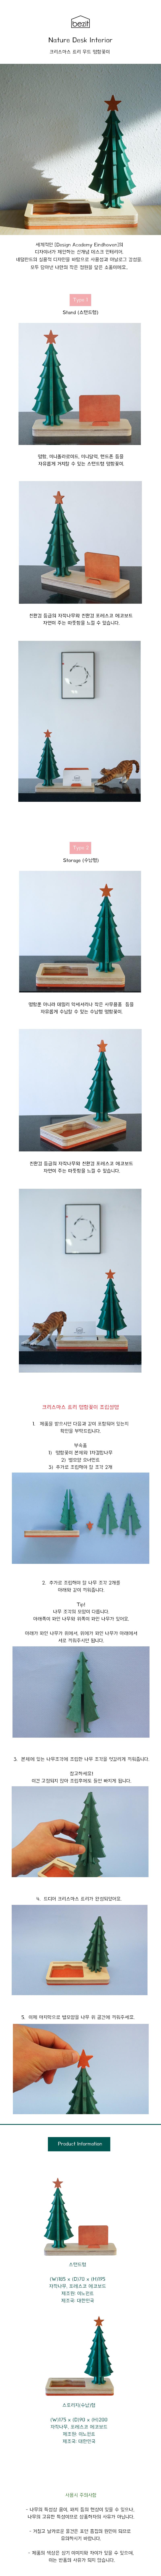 크리스마스 트리 자작나무 명함꽂이 2종 - 베짓, 15,400원, 데스크정리, 명함/메모 홀더